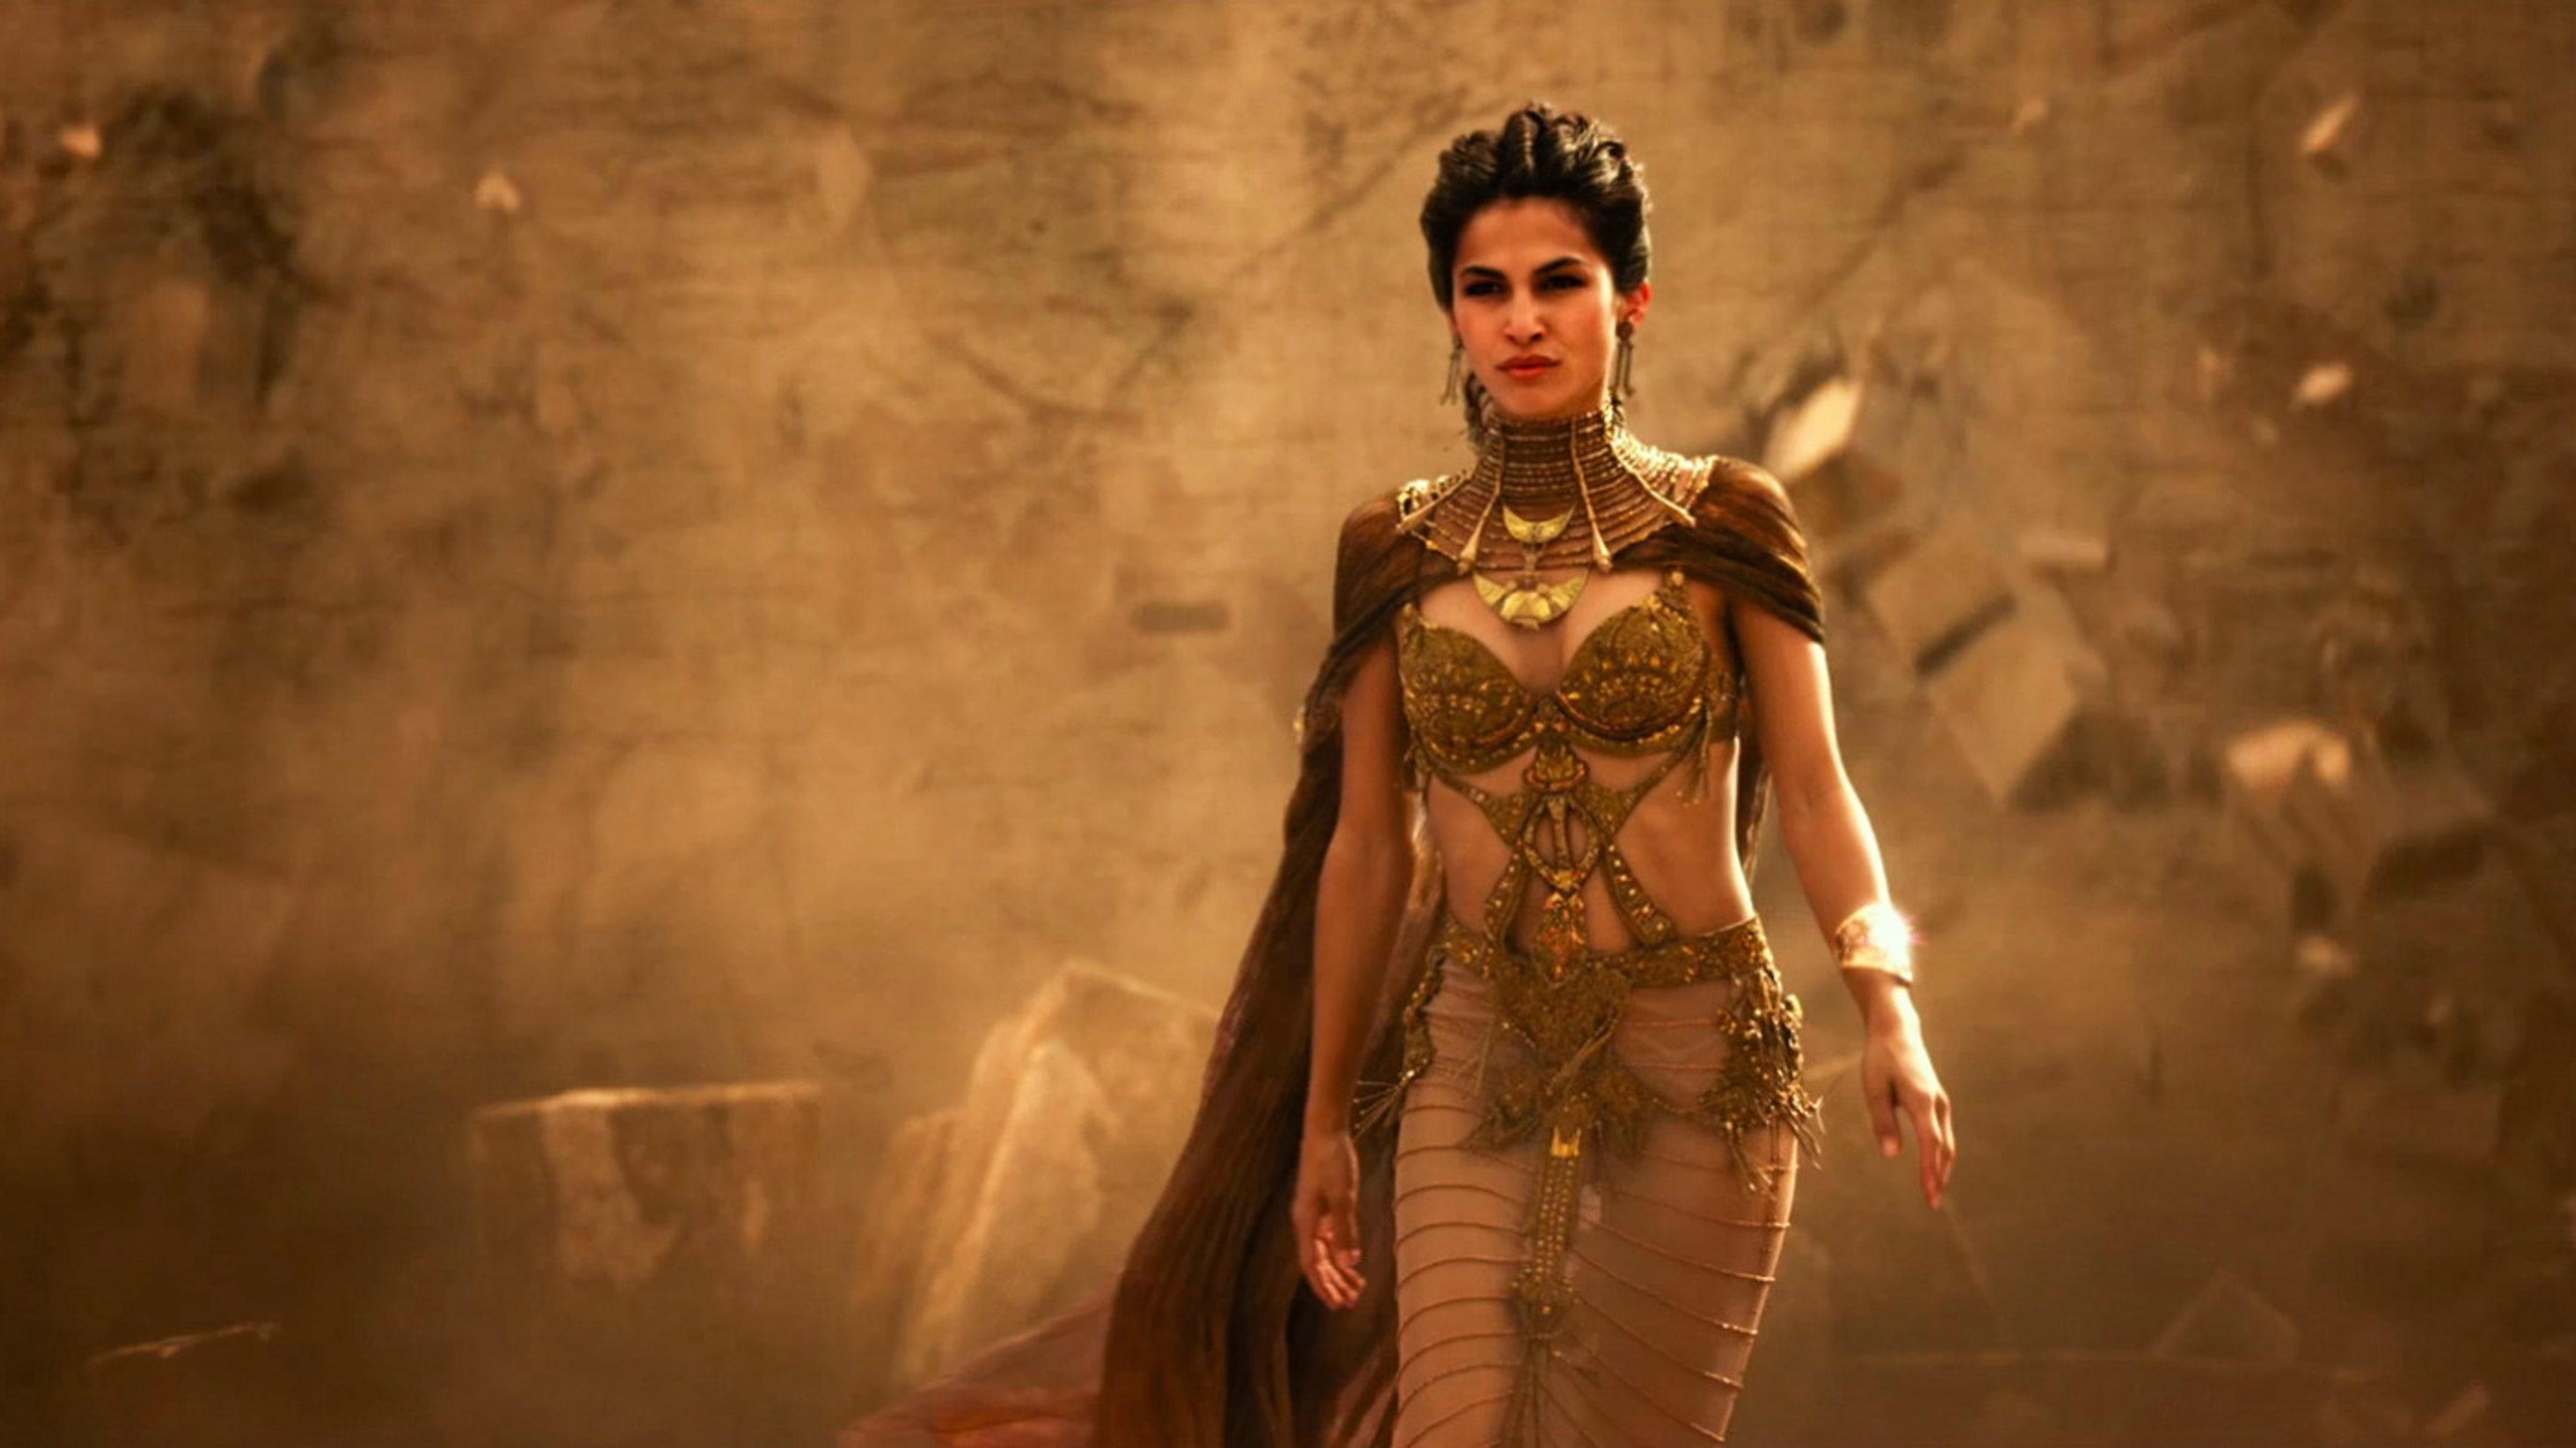 Gods of Egypt full hd wallpapers